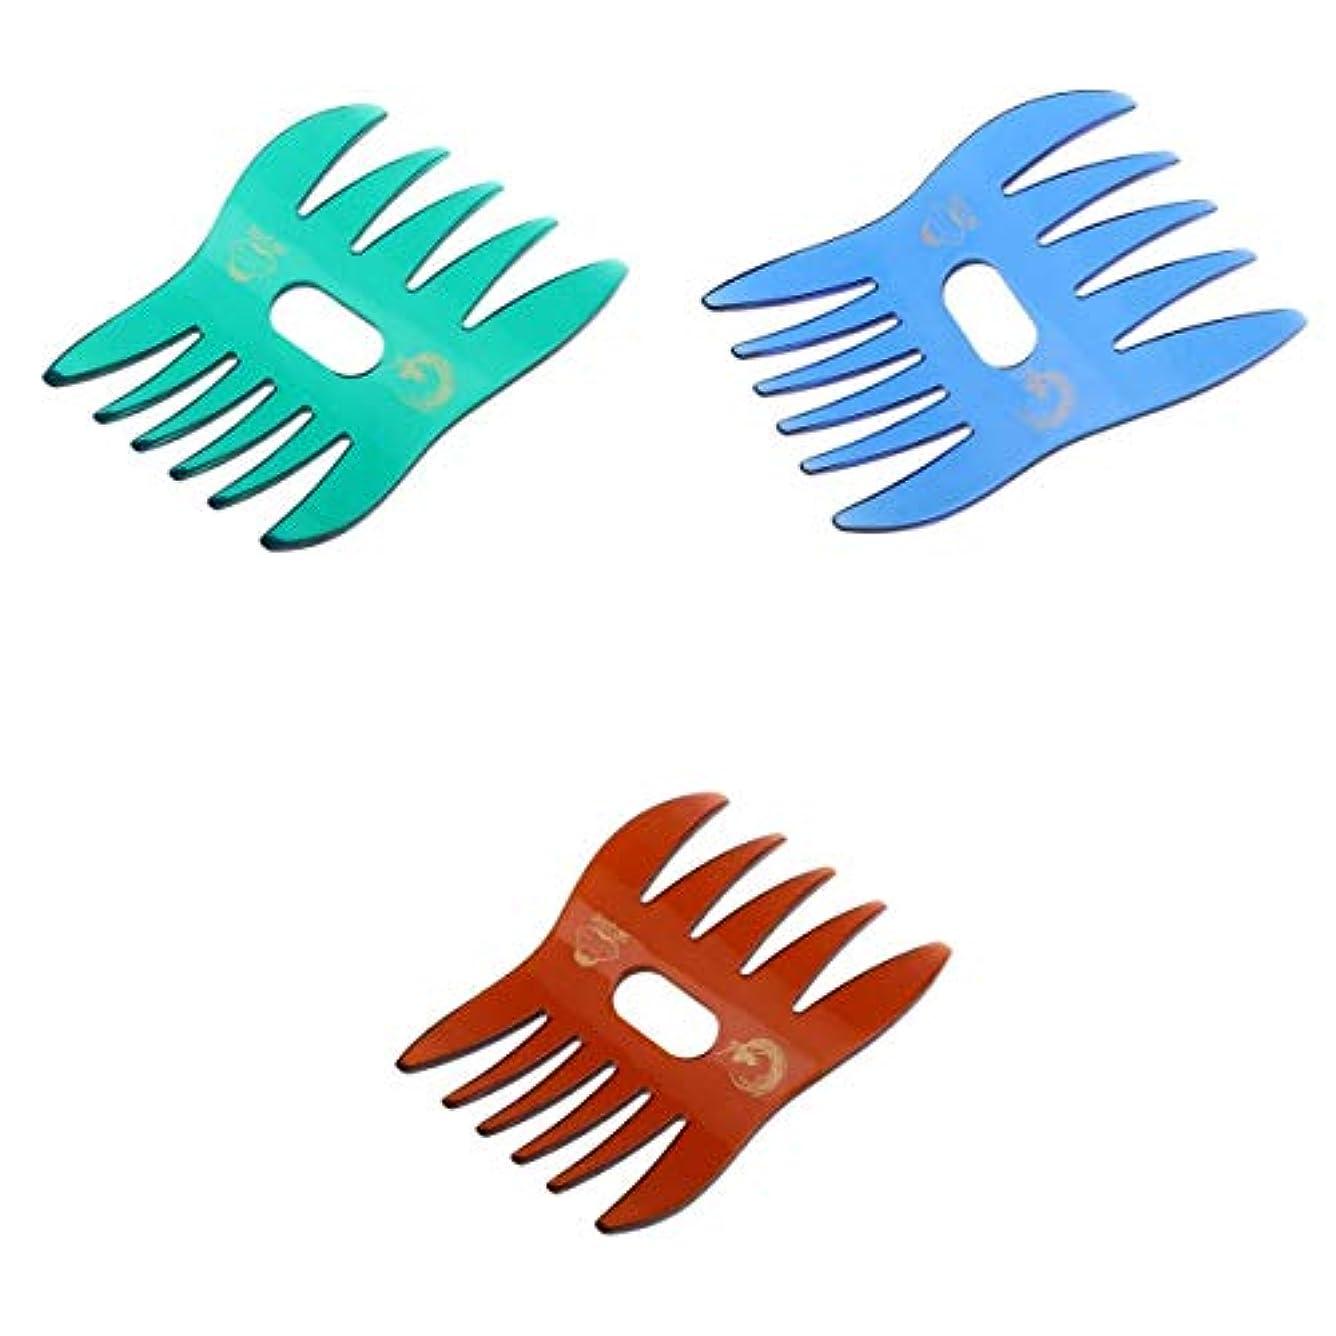 大気彫るハウジング櫛 ヘアコーム コーム ヘア櫛 静電気防止 粗歯 頭皮マッサージ オイルヘアスタイル